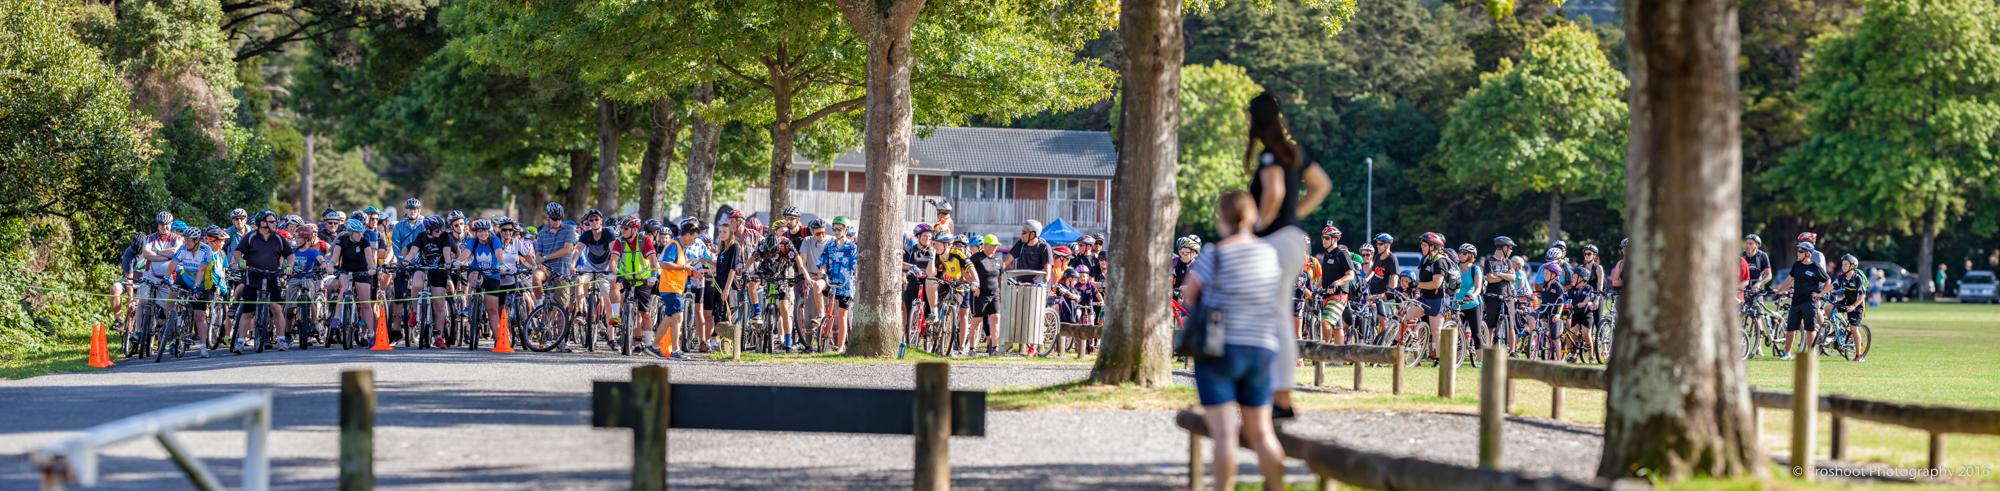 Bike The Trail 2016 2887-Pano-2